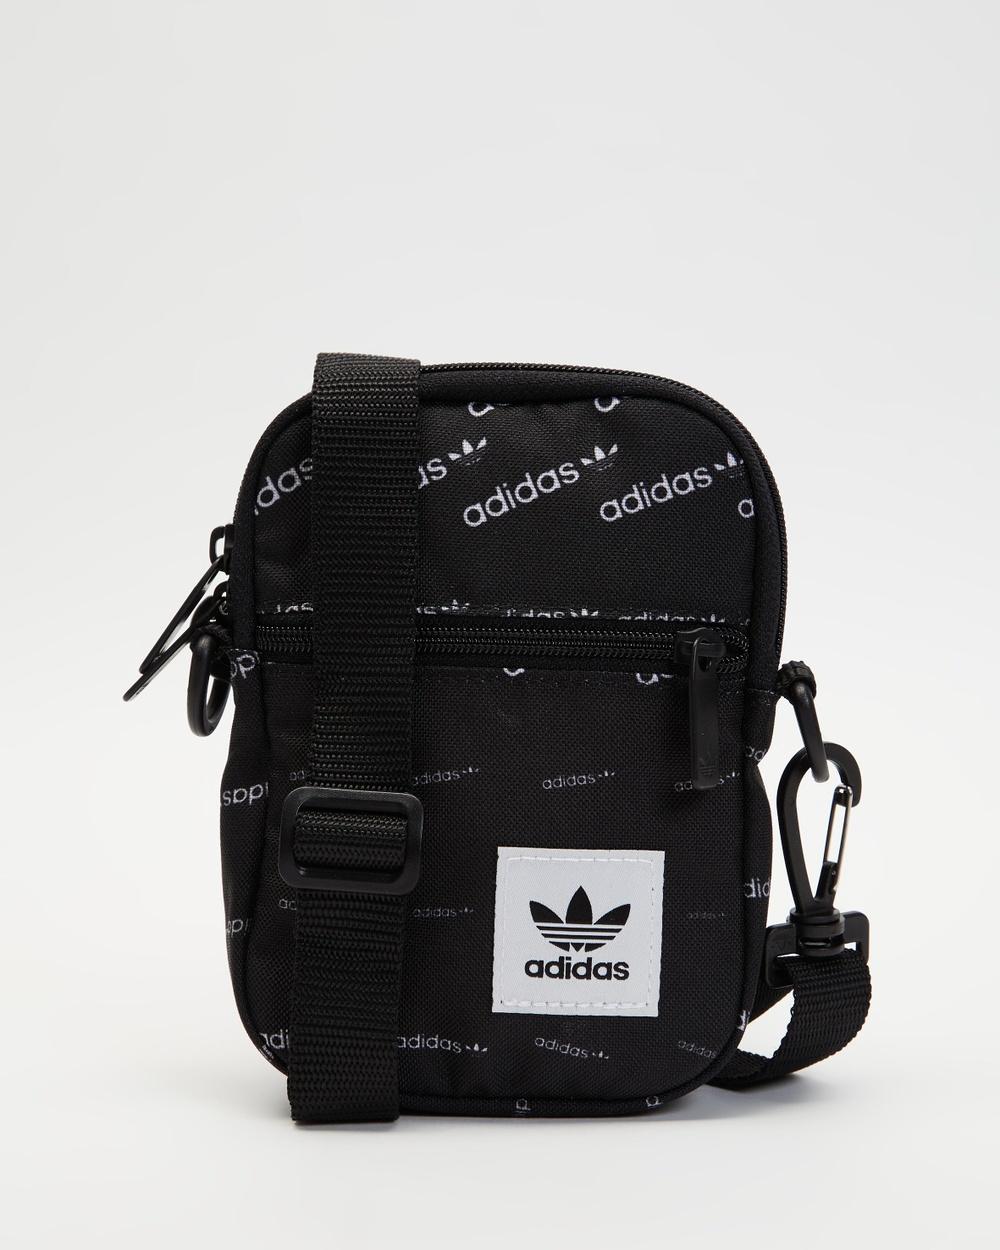 adidas Originals Monogram Festival Bag Bags Black & White